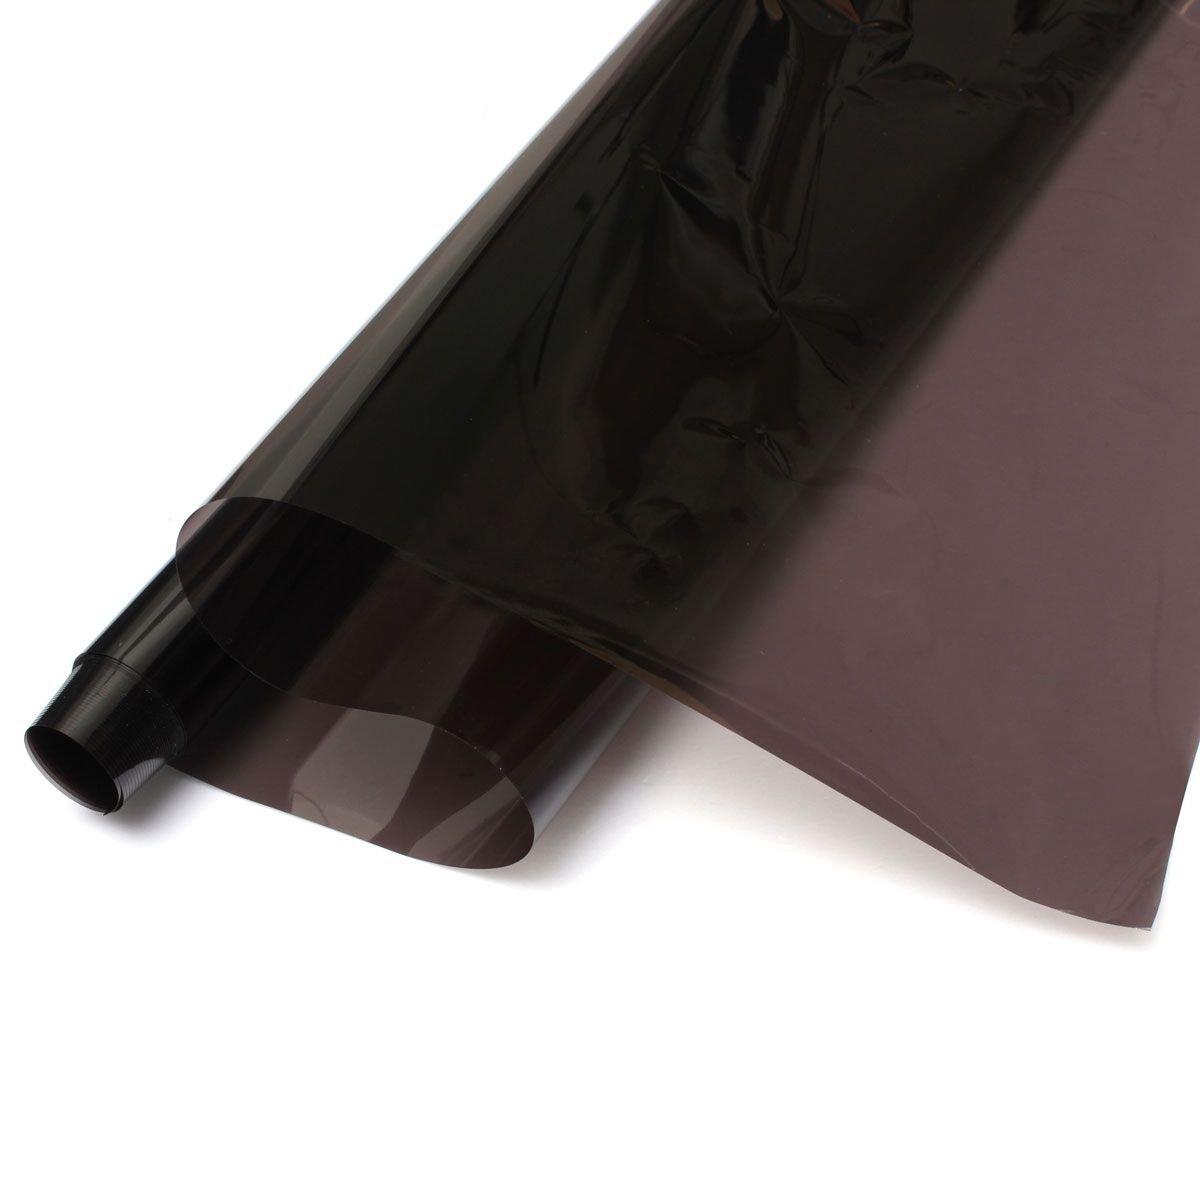 Auto Glas Folie - TOOGOO (R) Breite 50cm * 3M Autoglasdurchlaessigkeit von 35% Isolierung Explosionsgeschuetzte Membran Schwarz TOOGOO(R) 060888A3